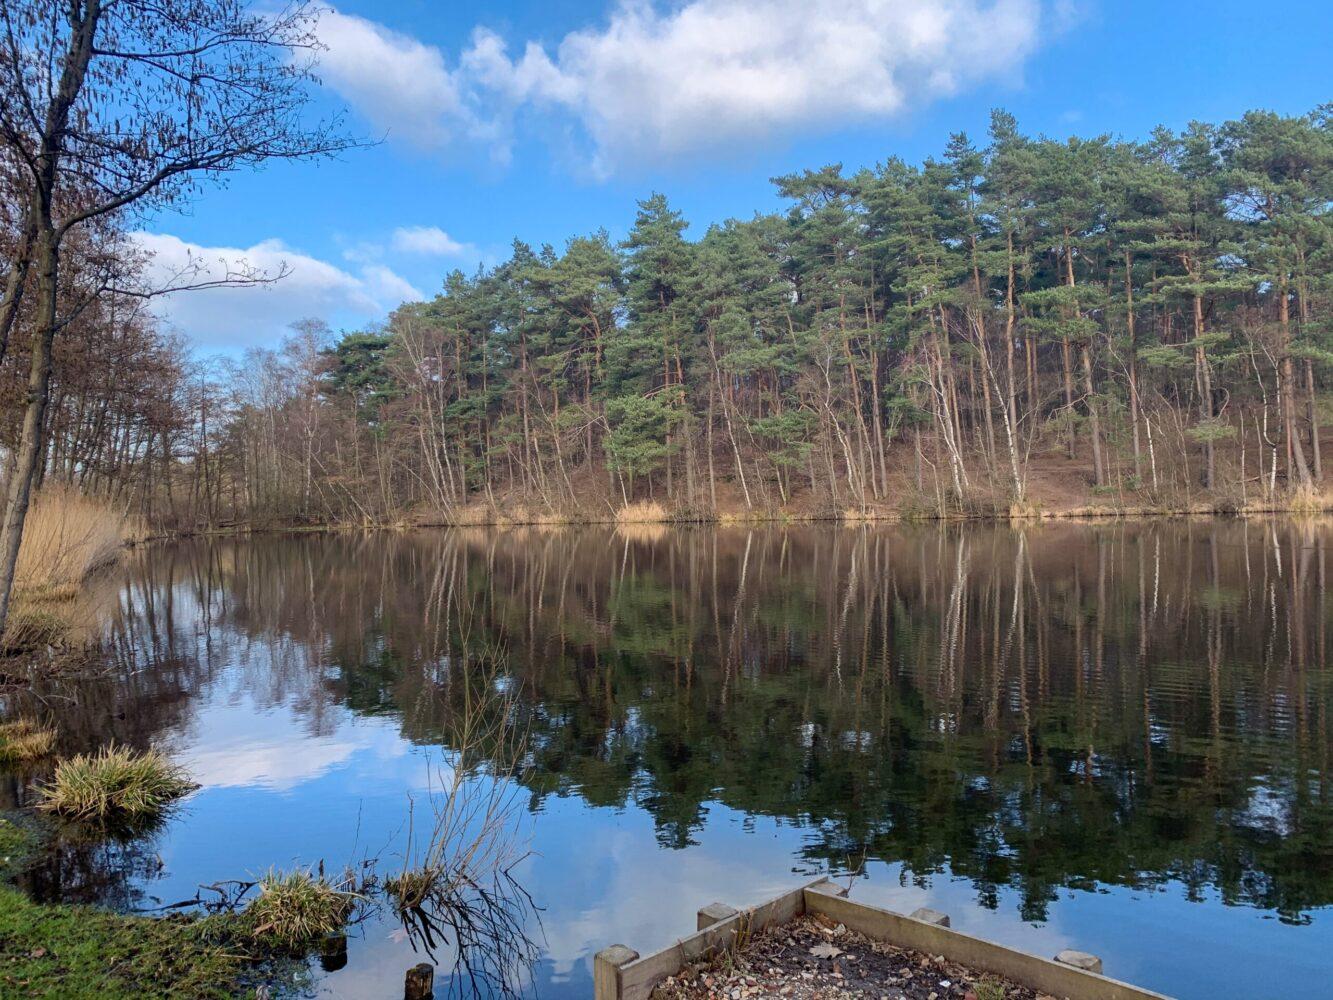 Het Gezinsleven - Uitstapjes - Bezienswaardigheden - Top 10 Bezienswaardigheden in Limburg - Brunssummerheide bij het meer